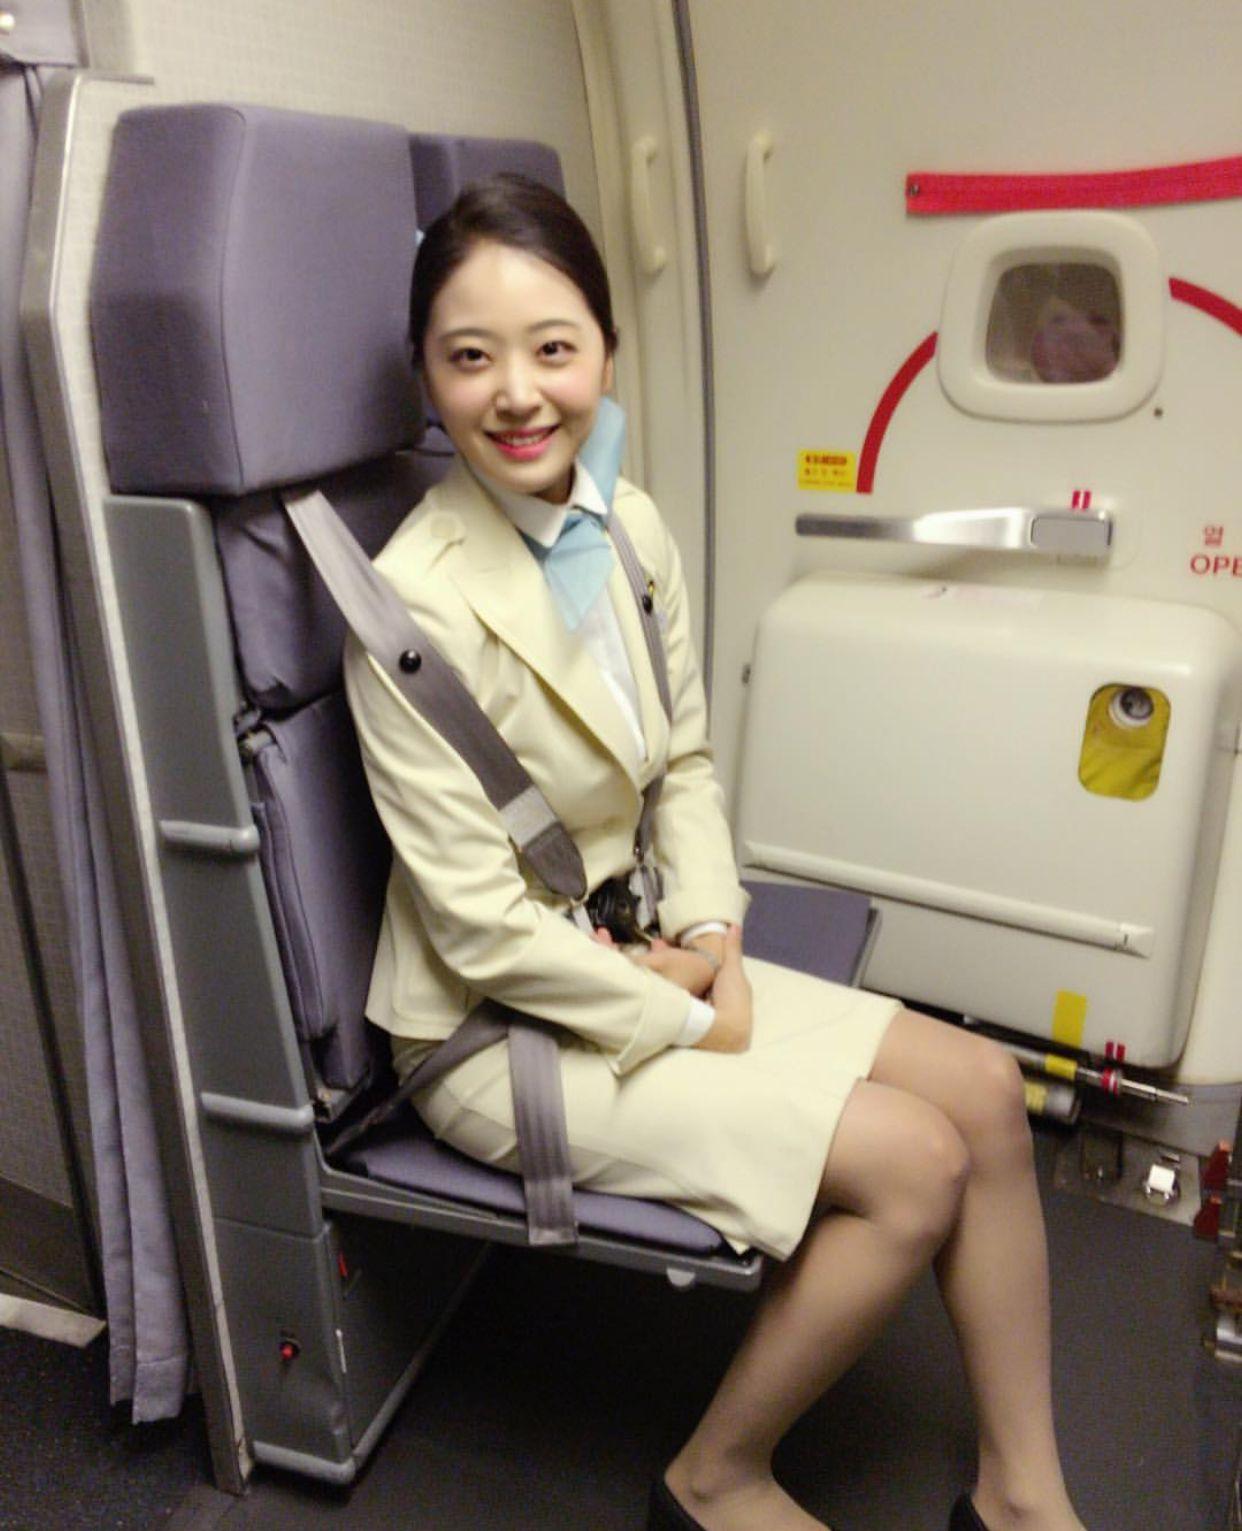 Pin on Gorgeous Stewardesses.